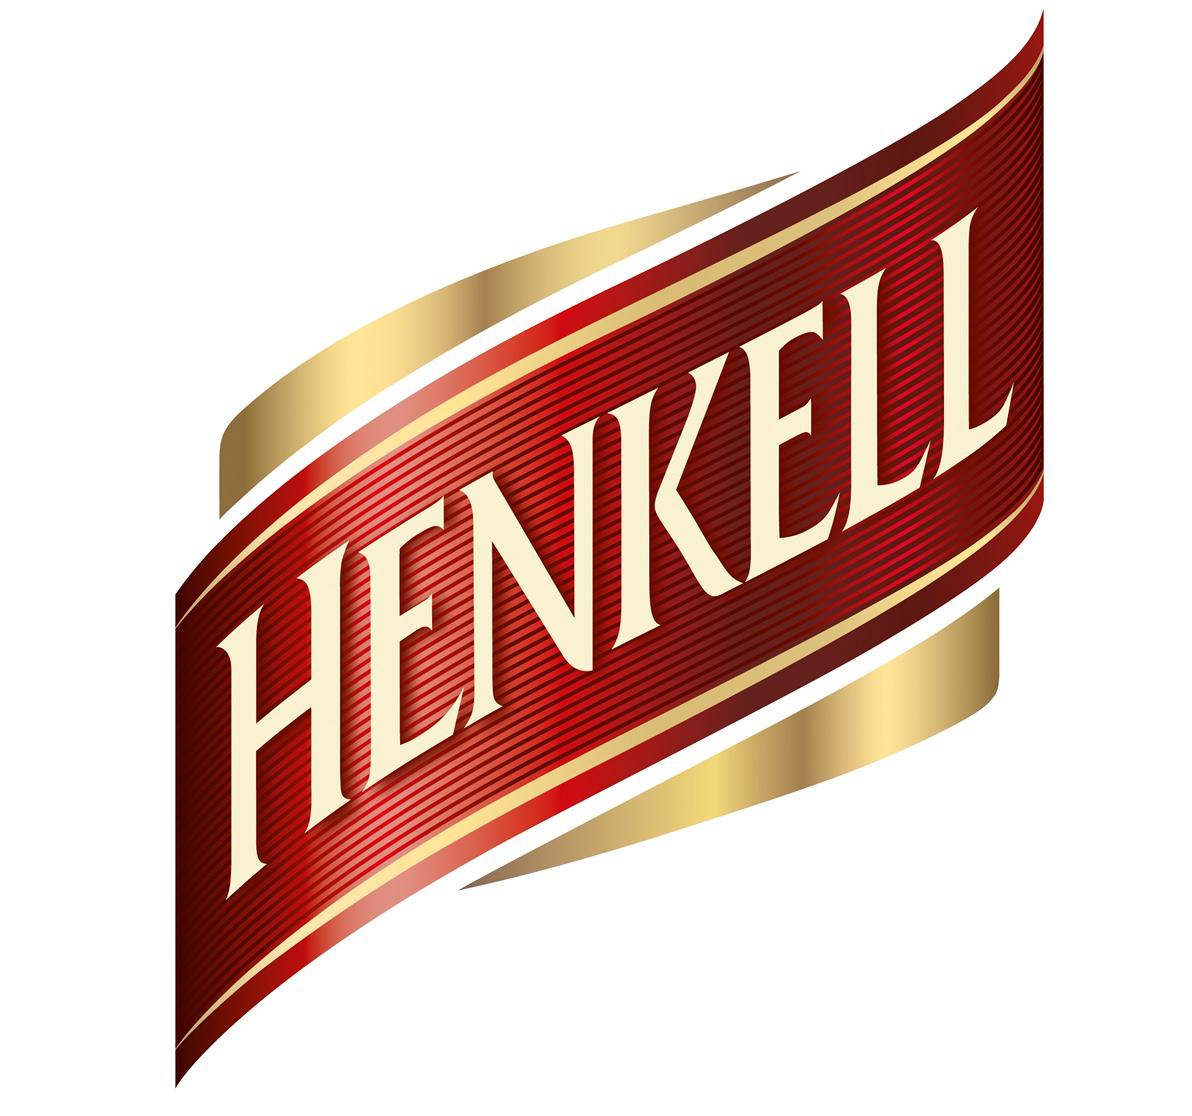 henkell_logo_2019